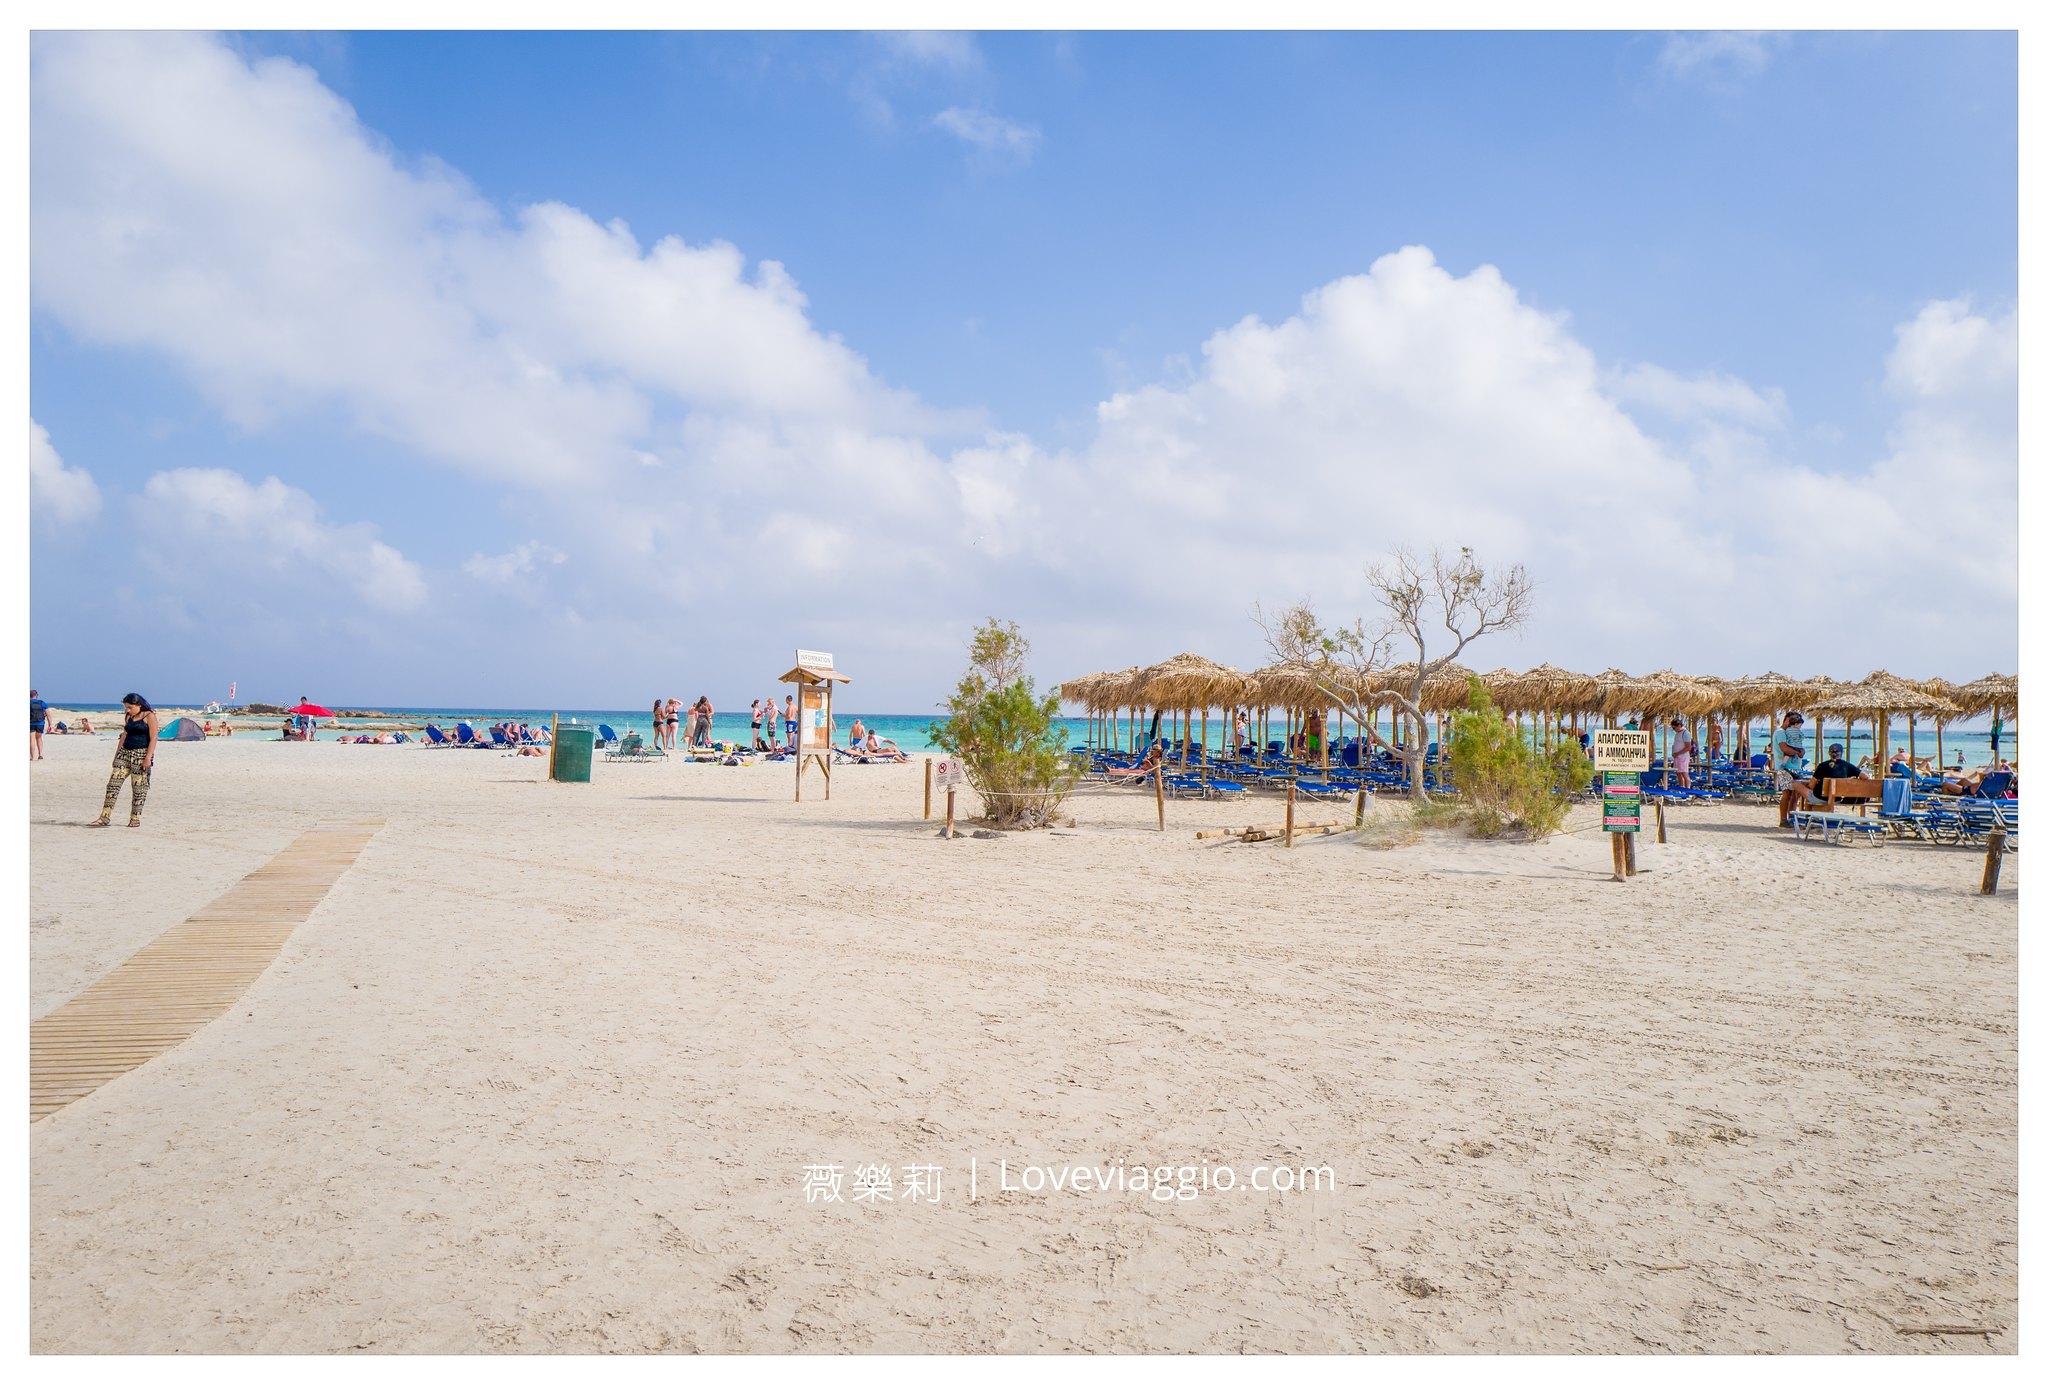 【希臘克里特島Crete】粉紅沙灘Elafonissi 粉紅又蔚藍的夢幻地中海 @薇樂莉 Love Viaggio | 旅行.生活.攝影